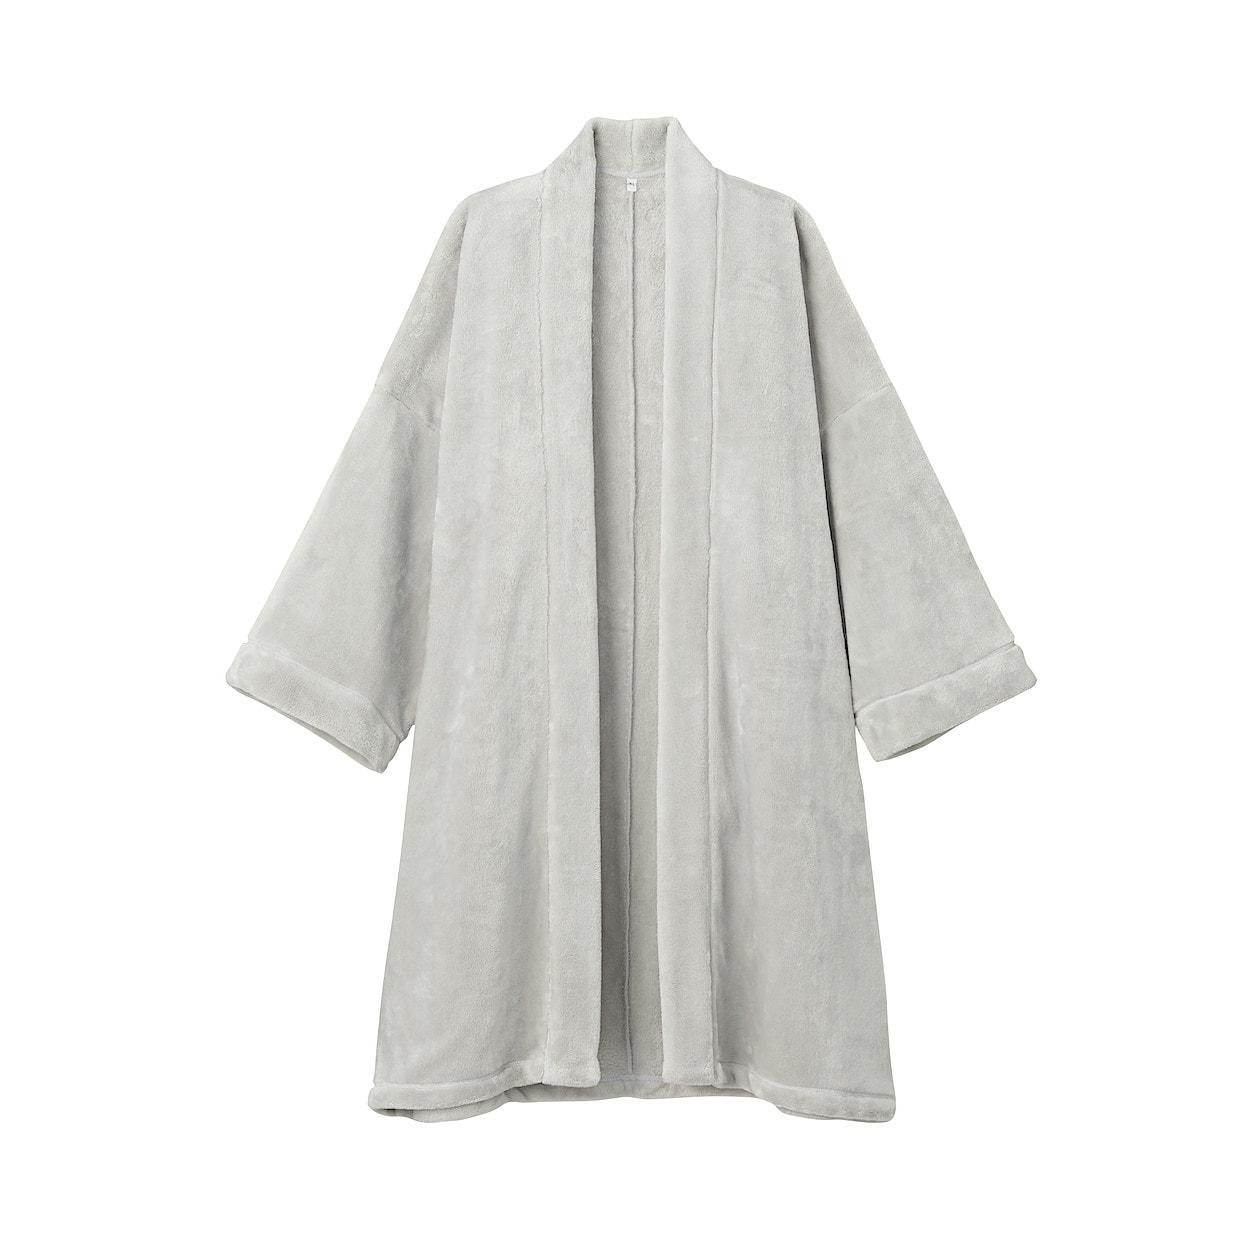 あたたかファイバー着る毛布かいまき 男女兼用ONE SIZE・ライトグレー